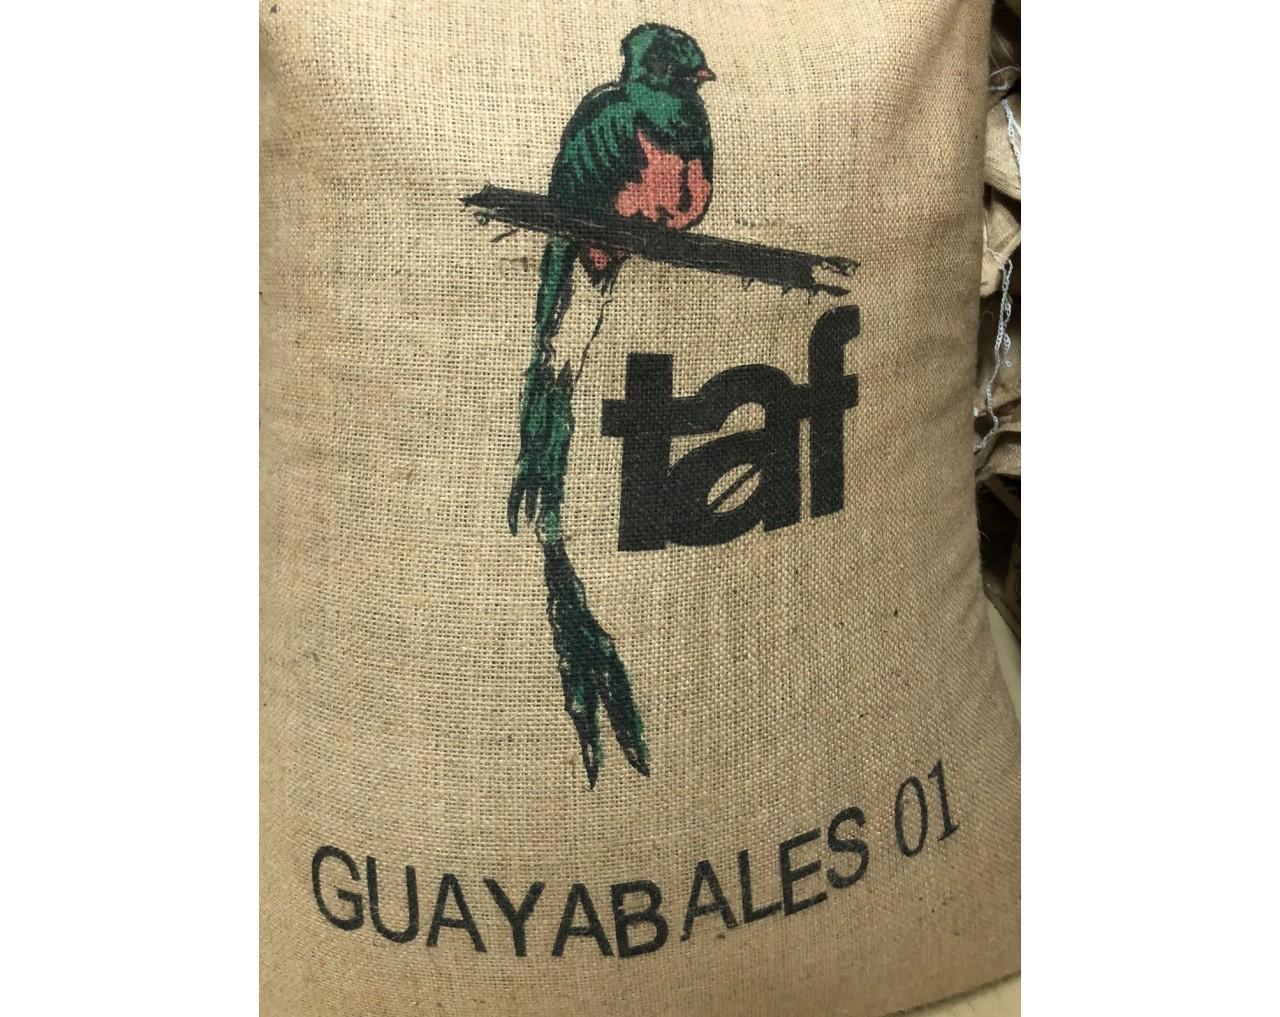 Finca Guayabales - Guatemala